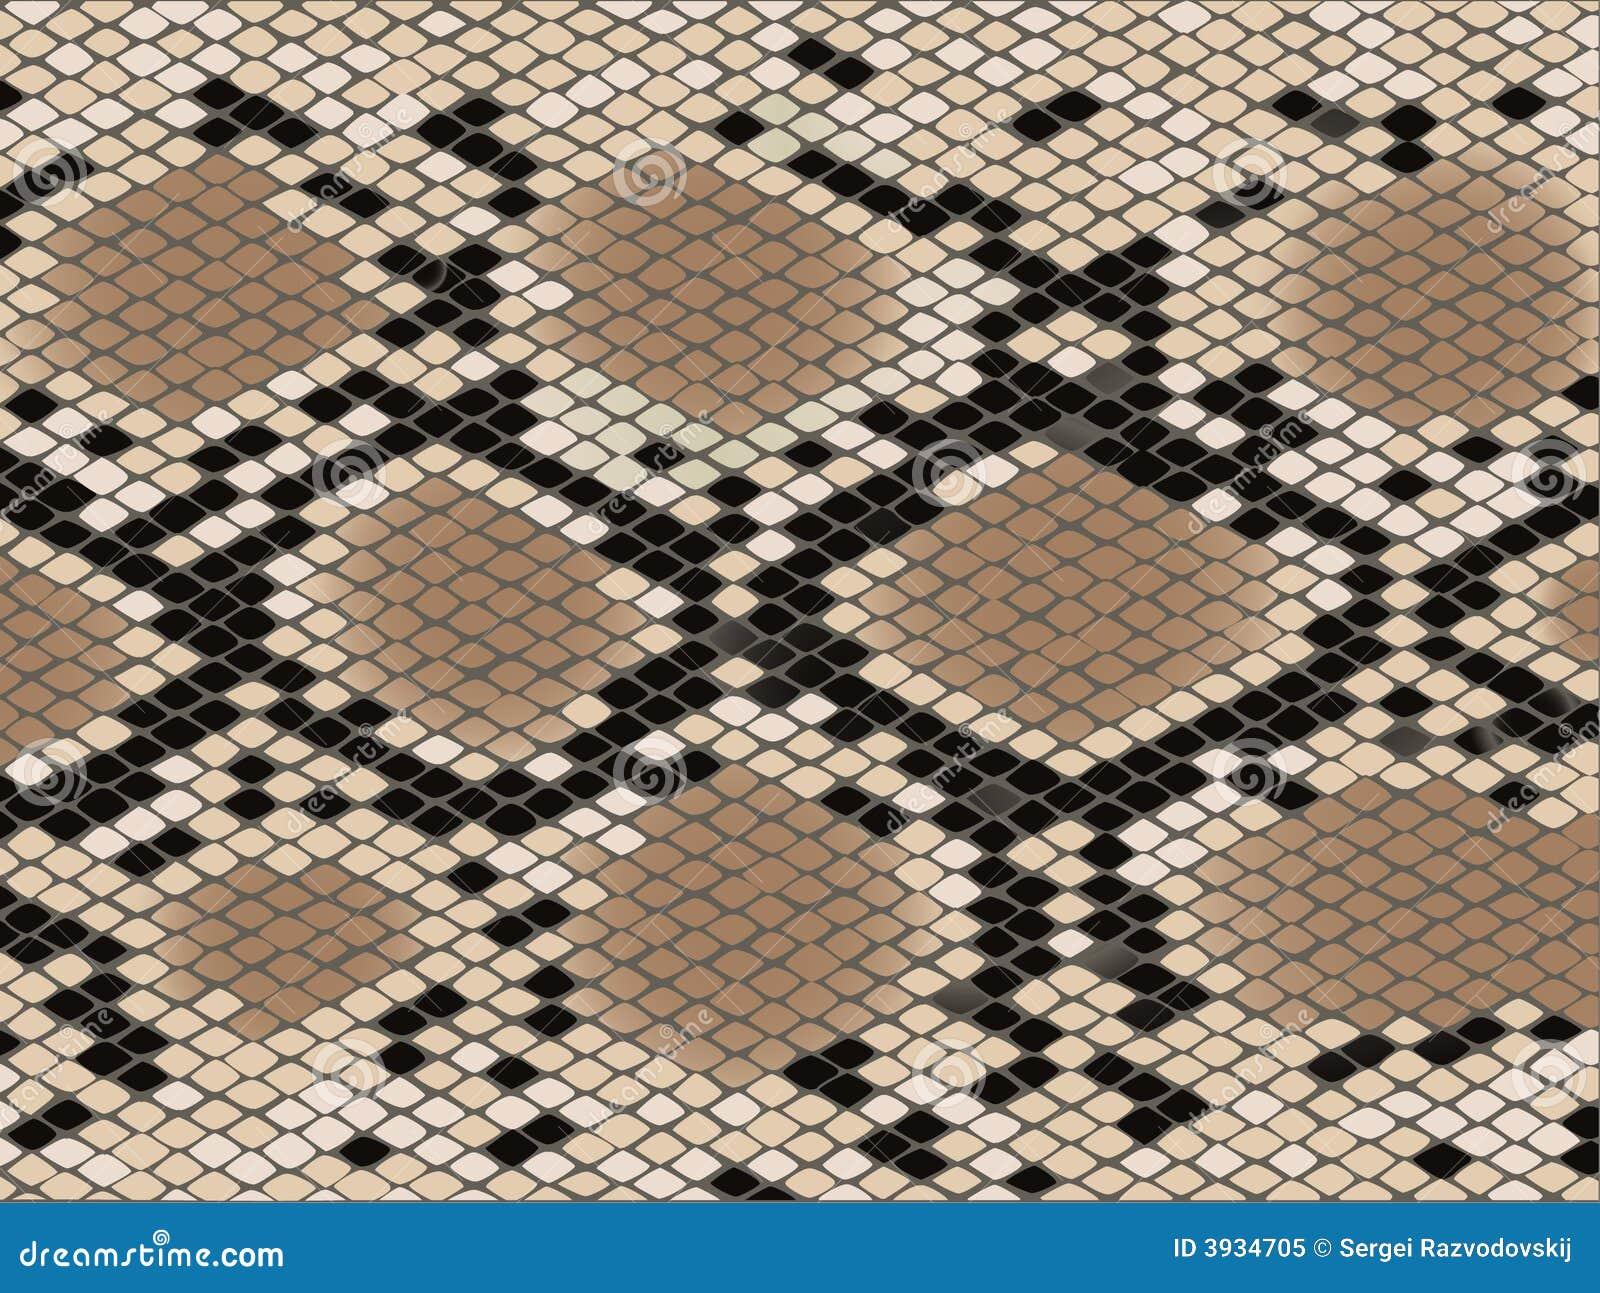 Pelle di serpente del reticolo della losanga